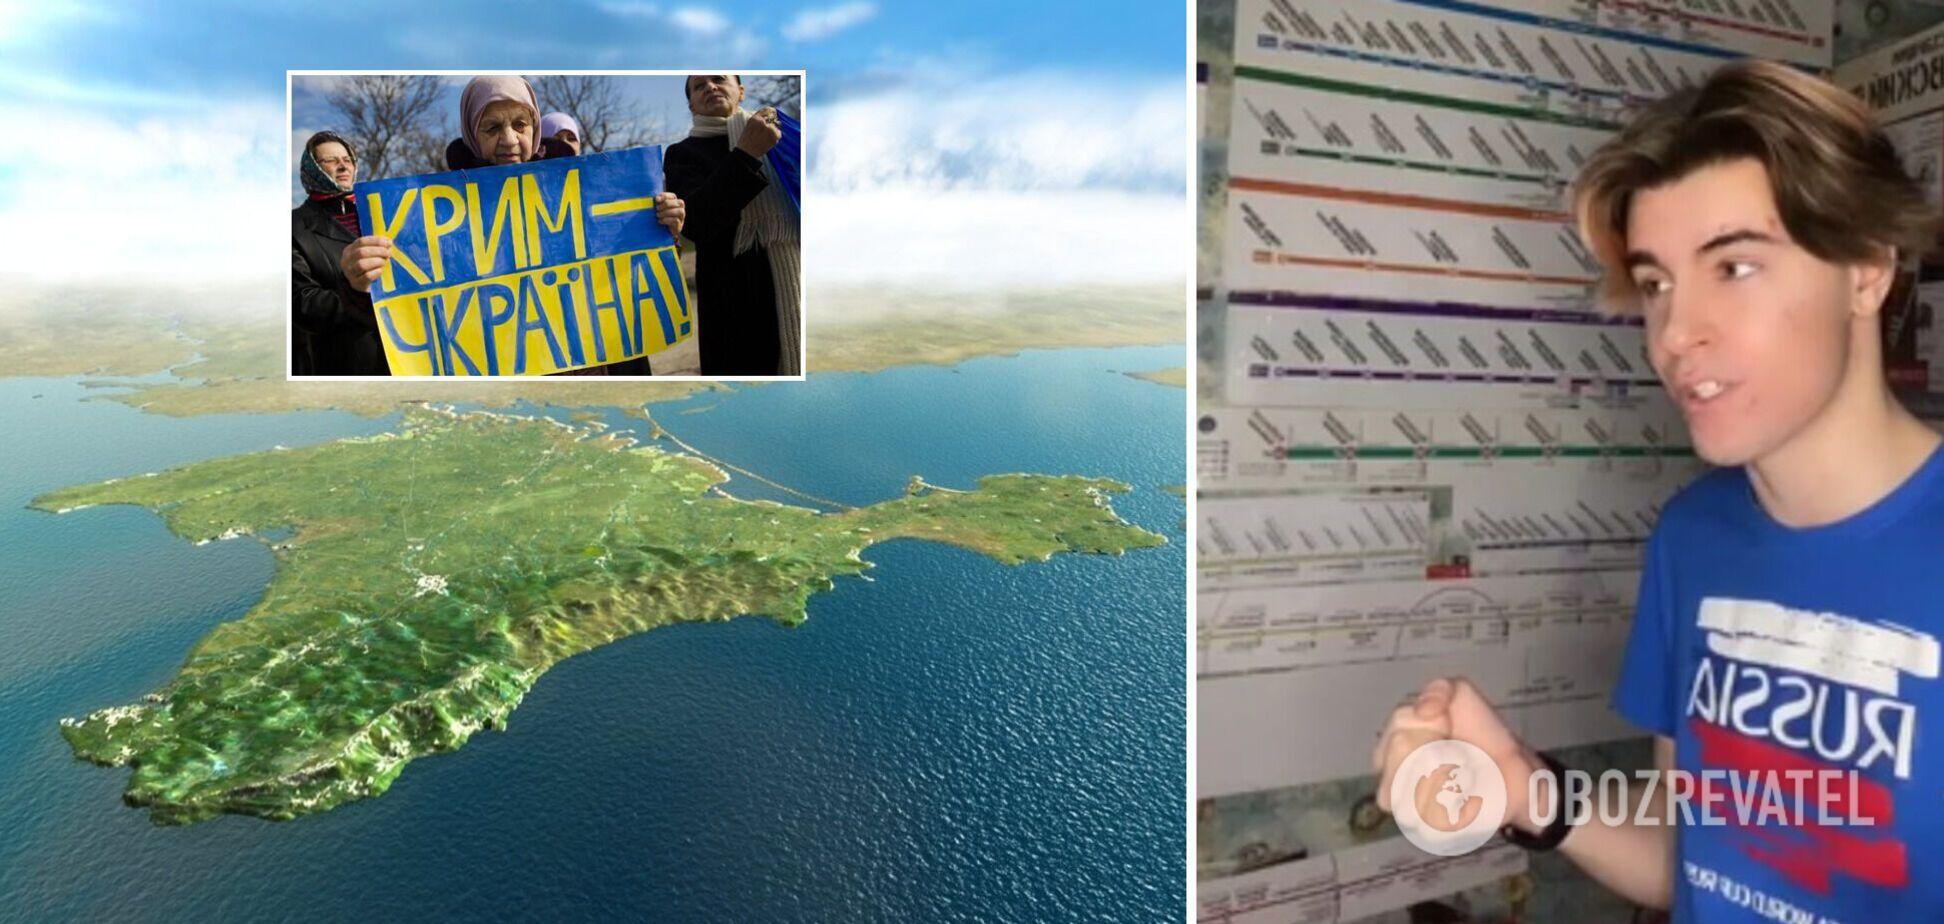 Росіянин публічно визнав Крим українським і пояснив, чому. Відео